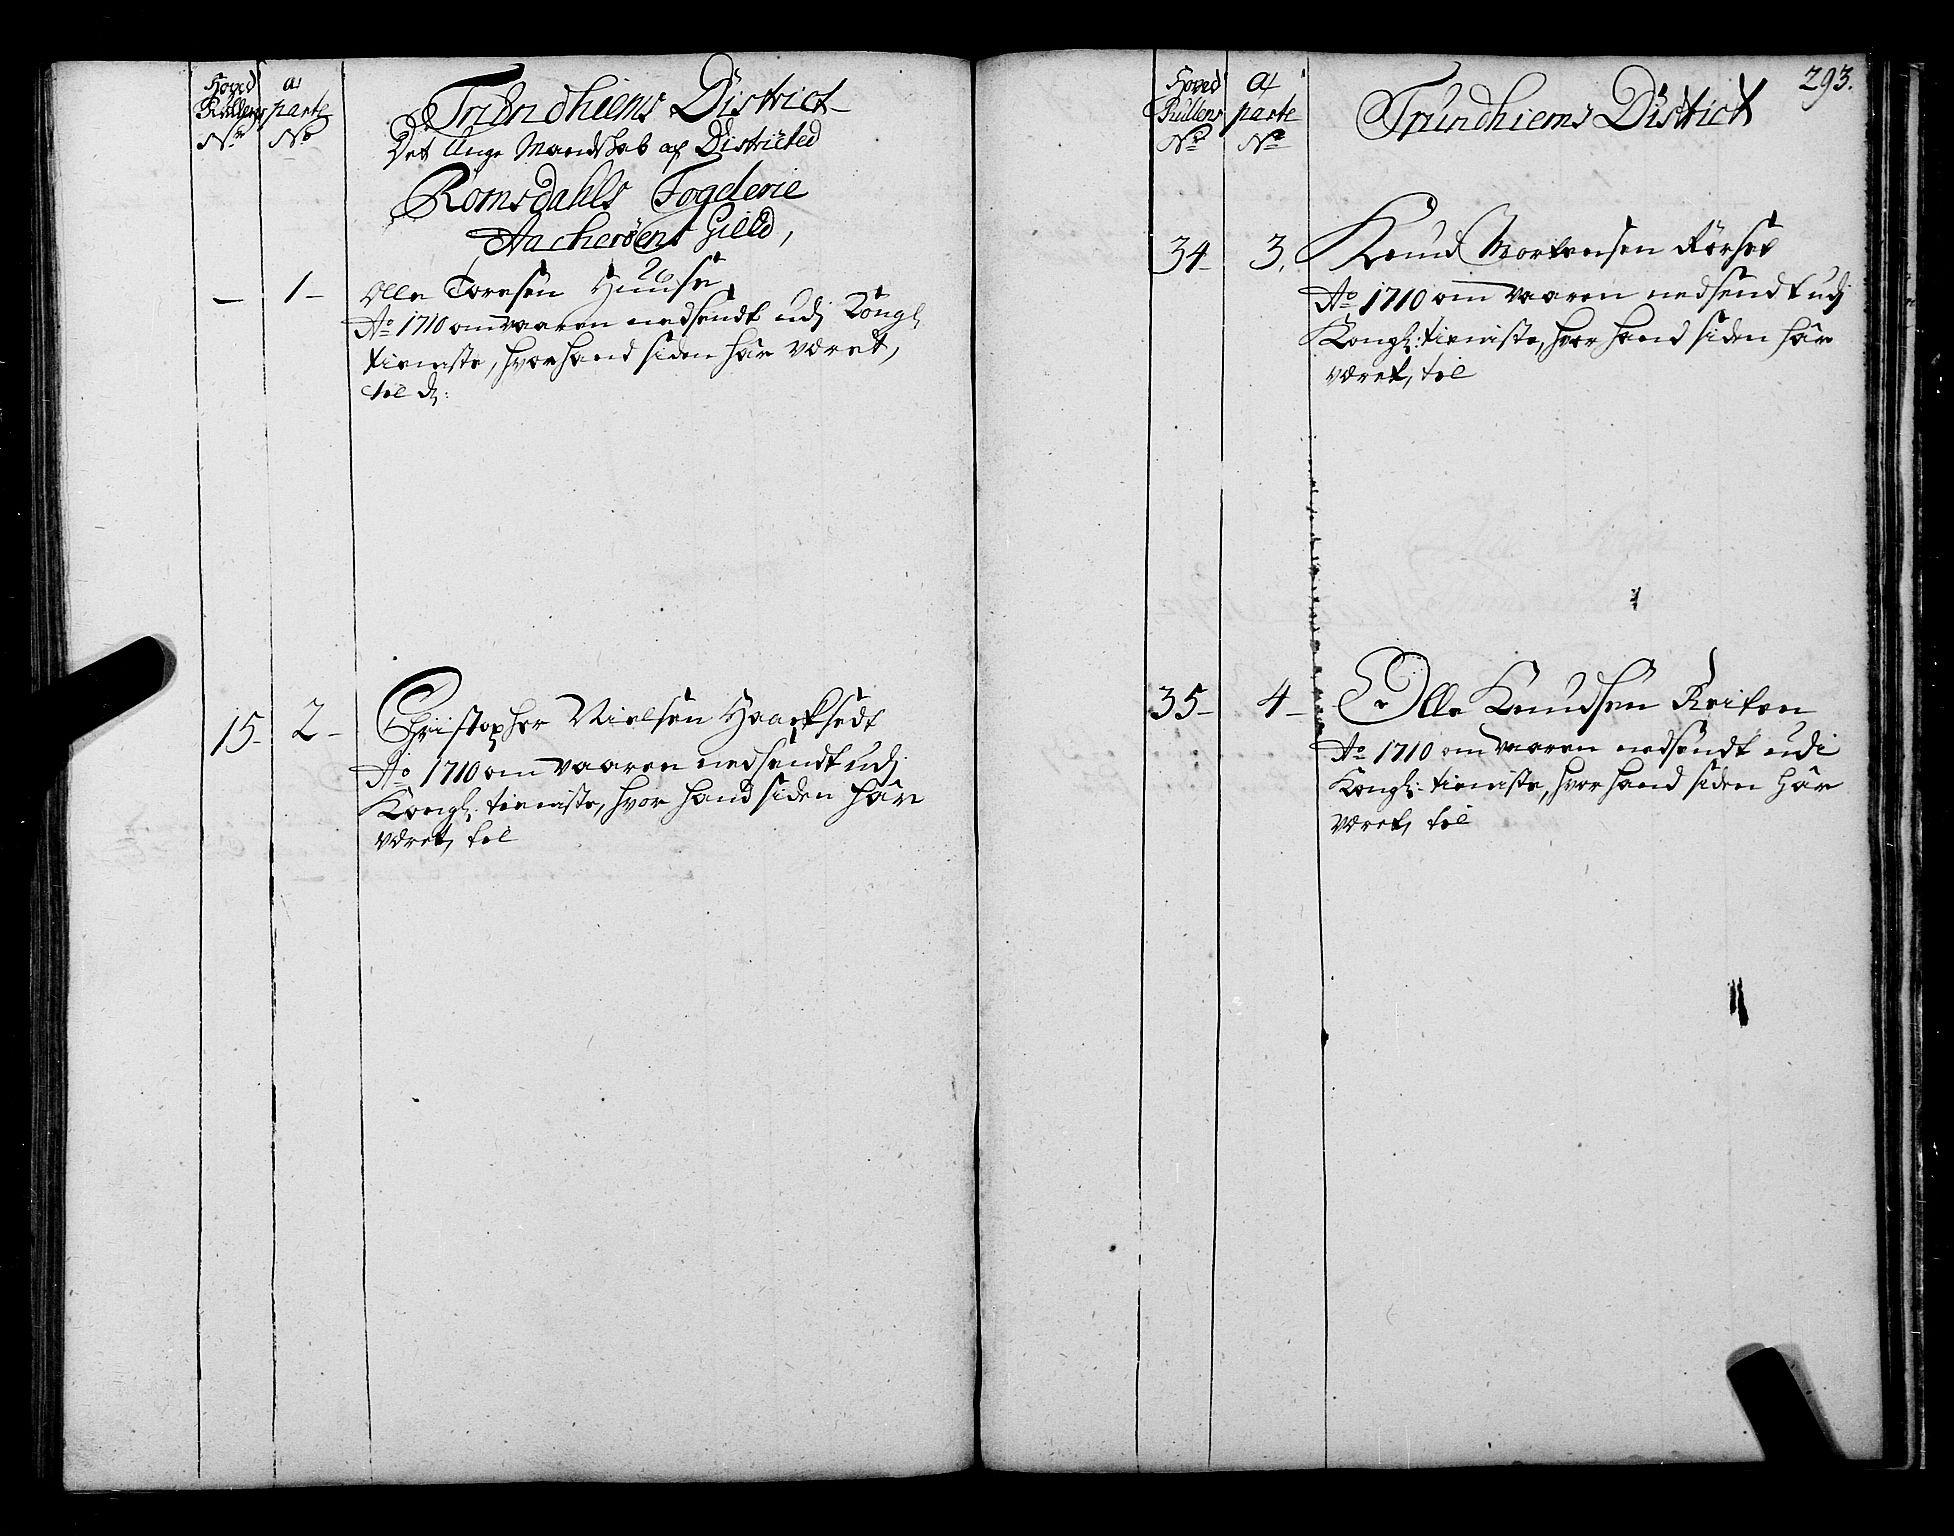 SAT, Sjøinnrulleringen - Trondhjemske distrikt, 01/L0004: Ruller over sjøfolk i Trondhjem by, 1704-1710, s. 293